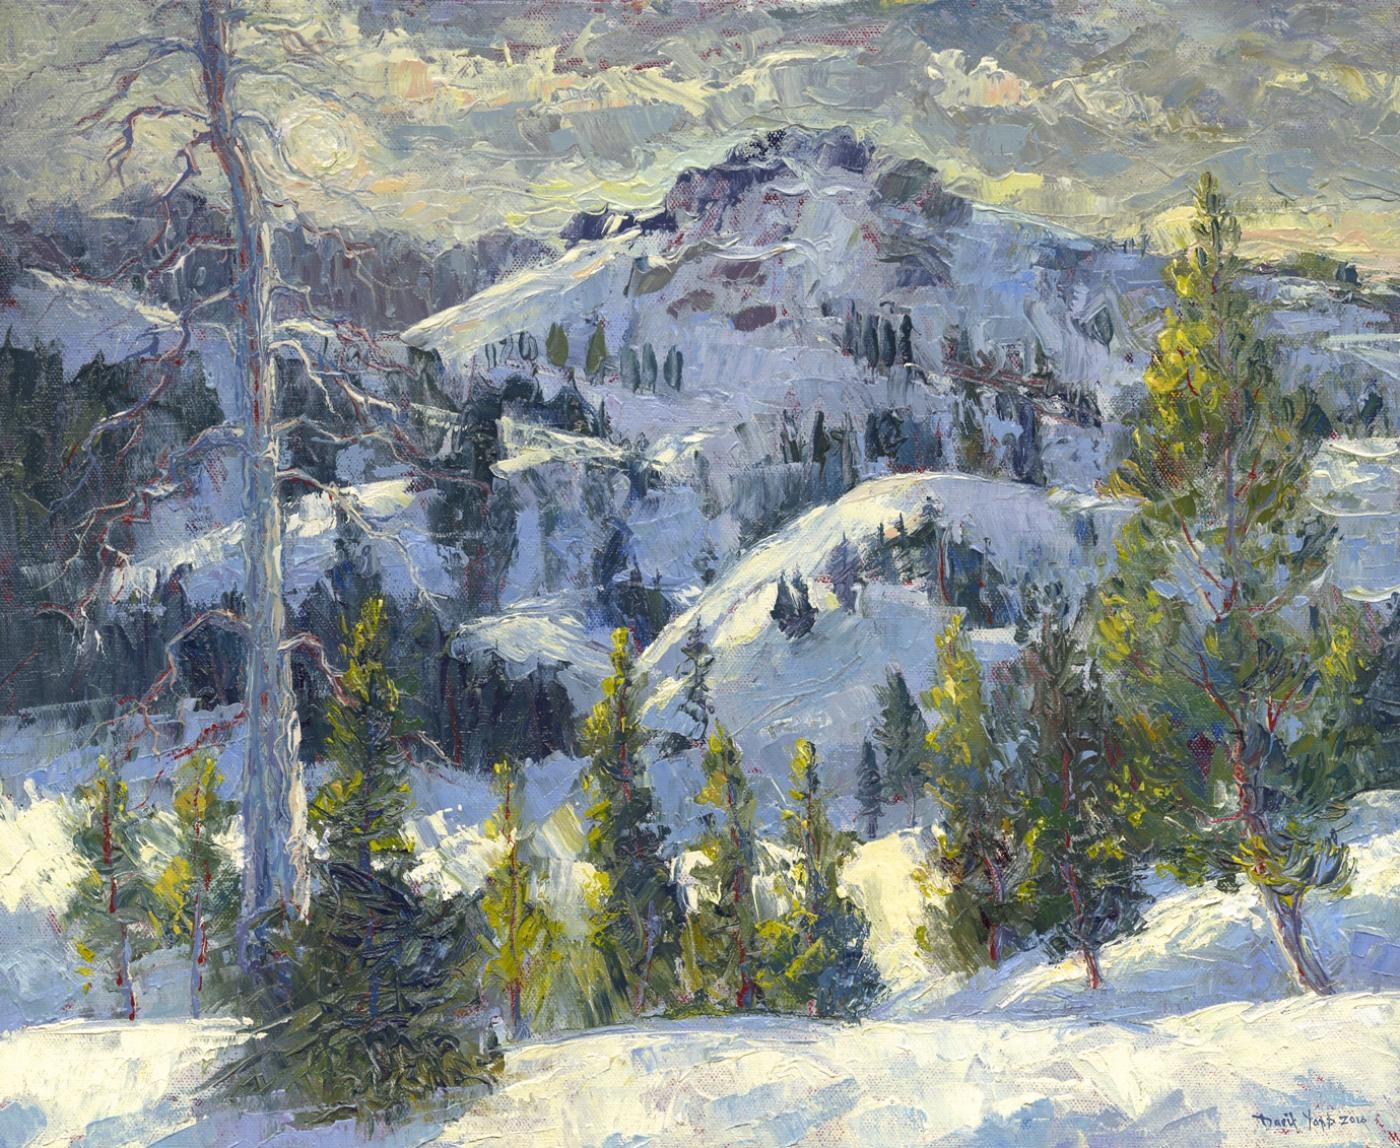 Mokelumne Winter Wilderness